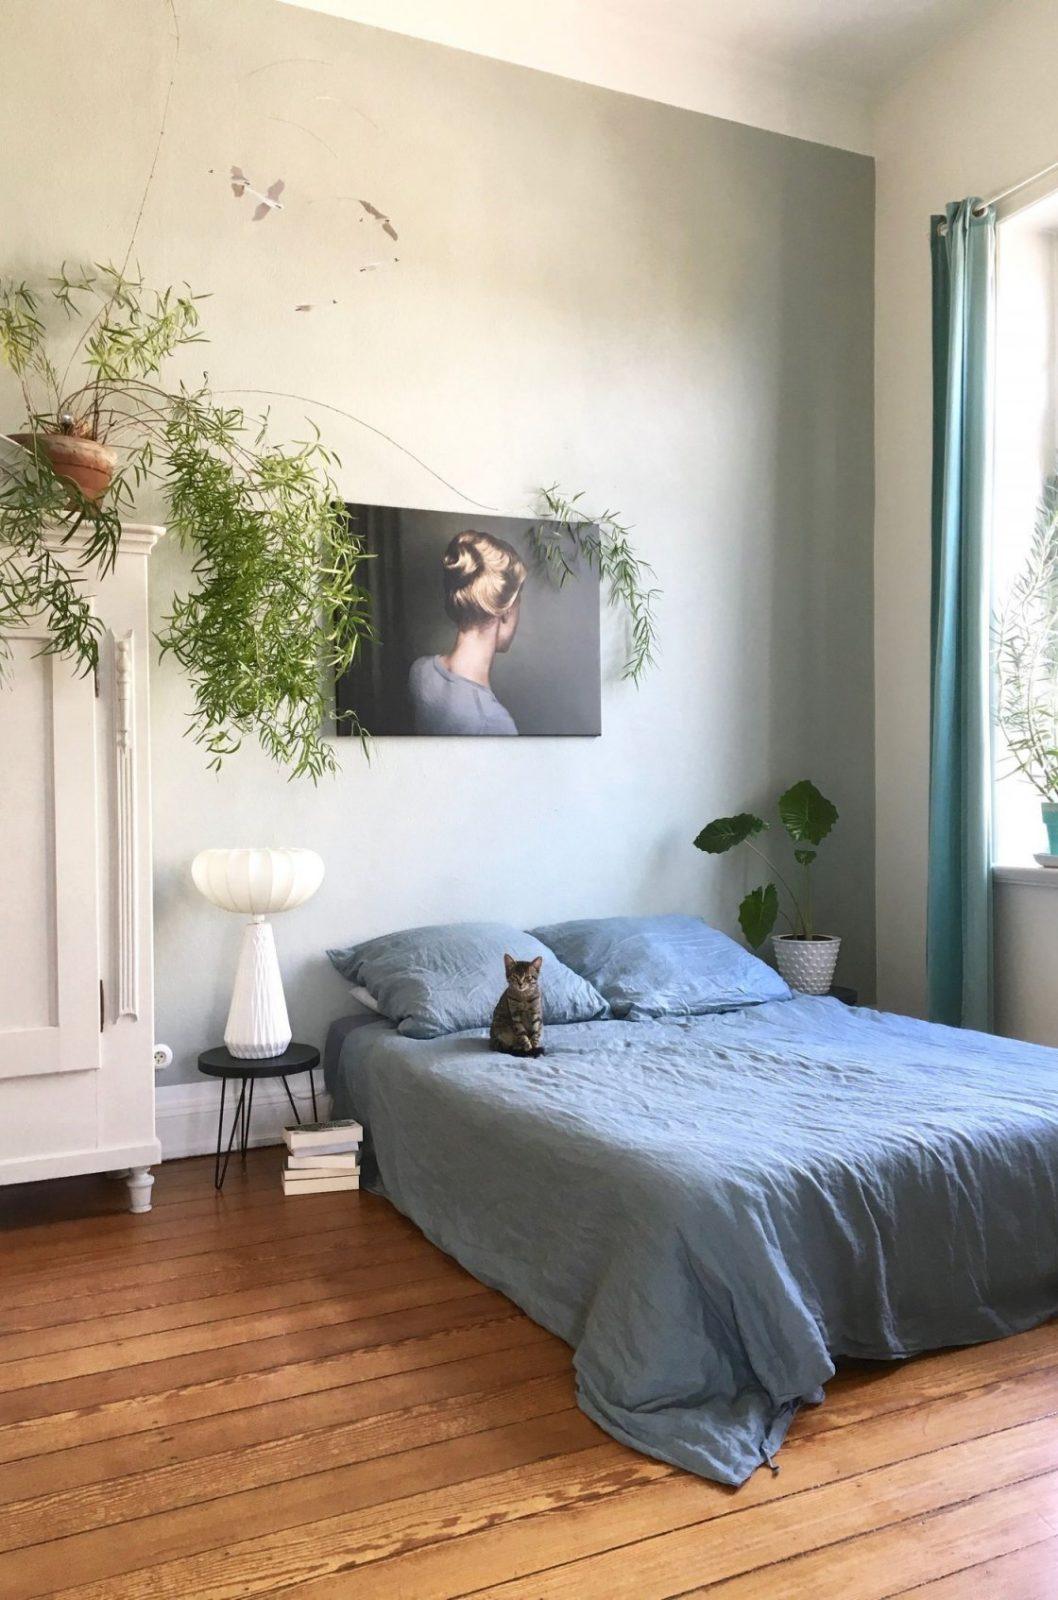 Schlafzimmer Ideen Zum Einrichten  Gestalten von Schlafzimmer Renovieren Ideen Bilder Bild